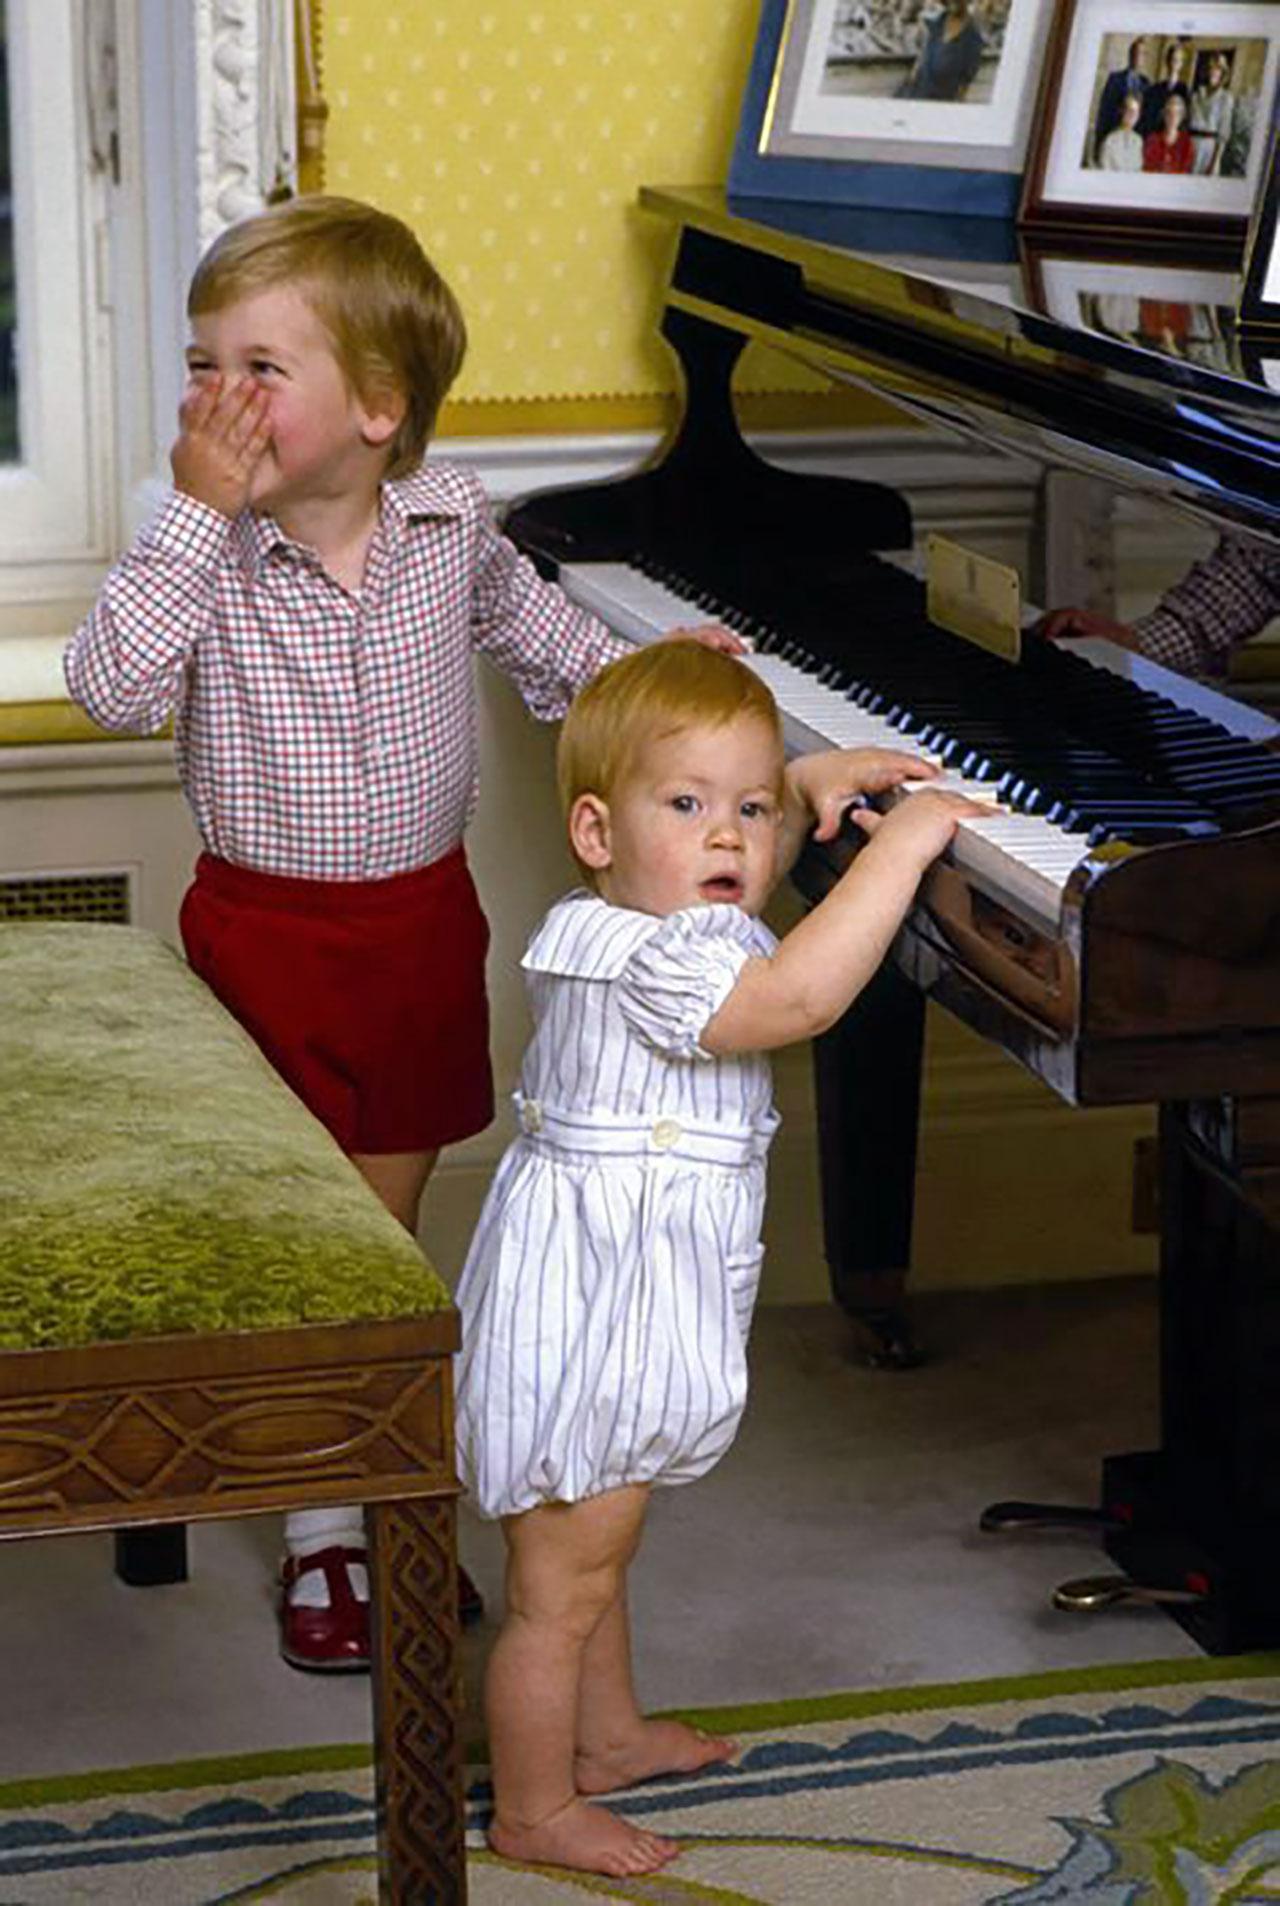 วัยเด็กของพี่น้องคู่ซี้ เจ้าชายวิลเลี่ยม กับเจ้าชายแฮรี่